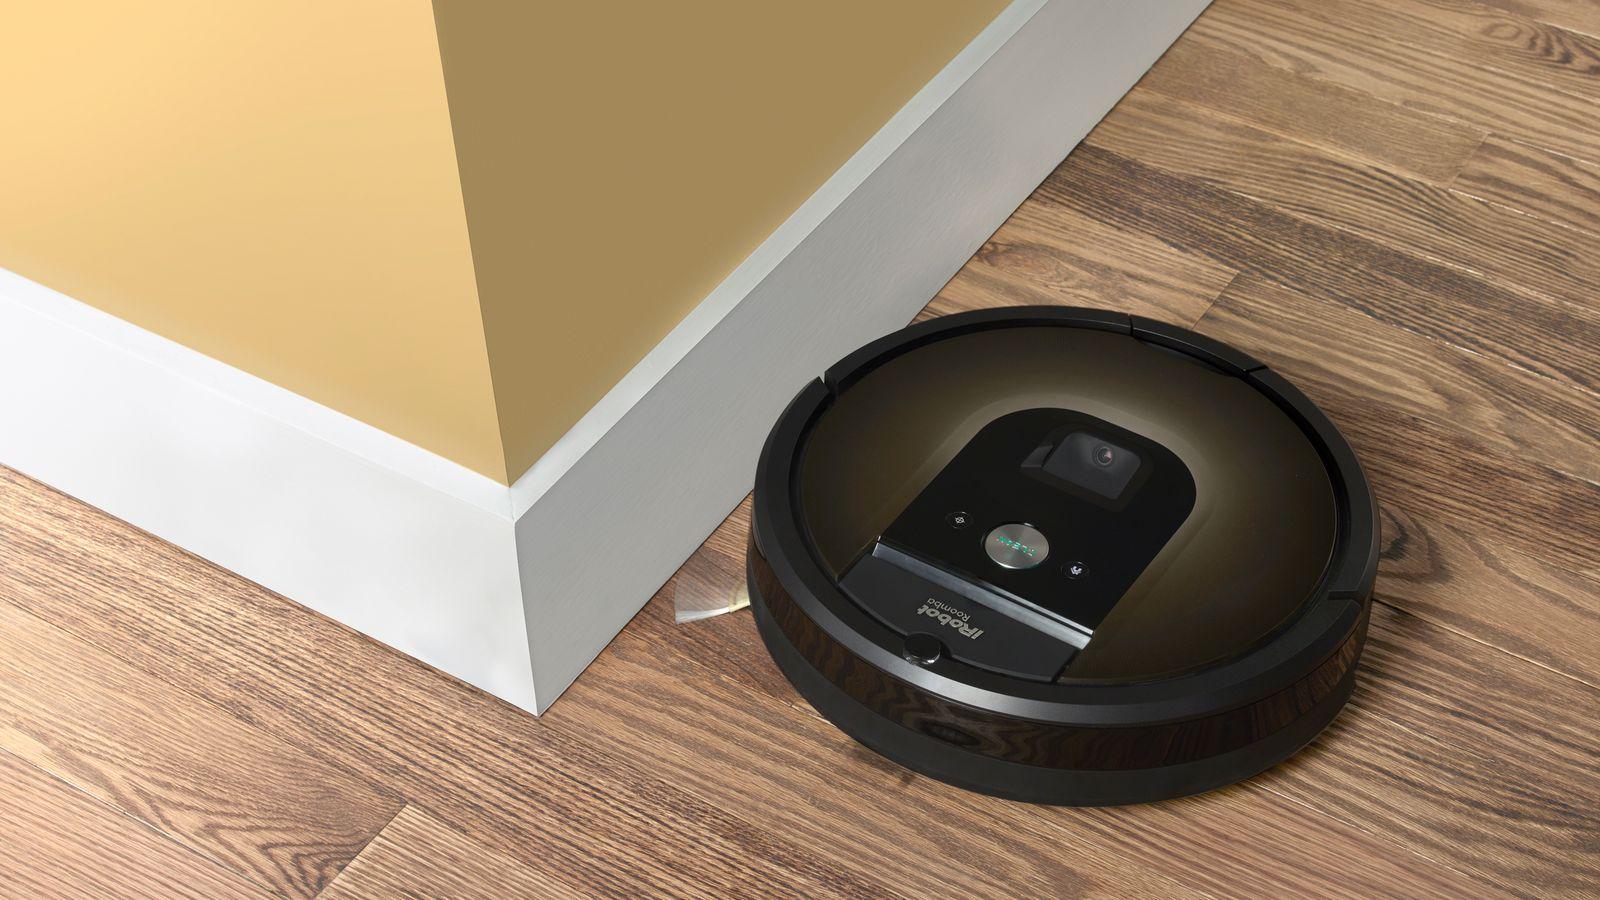 robot odkurzający iRobot Roomba 980 RoboExpert.pl